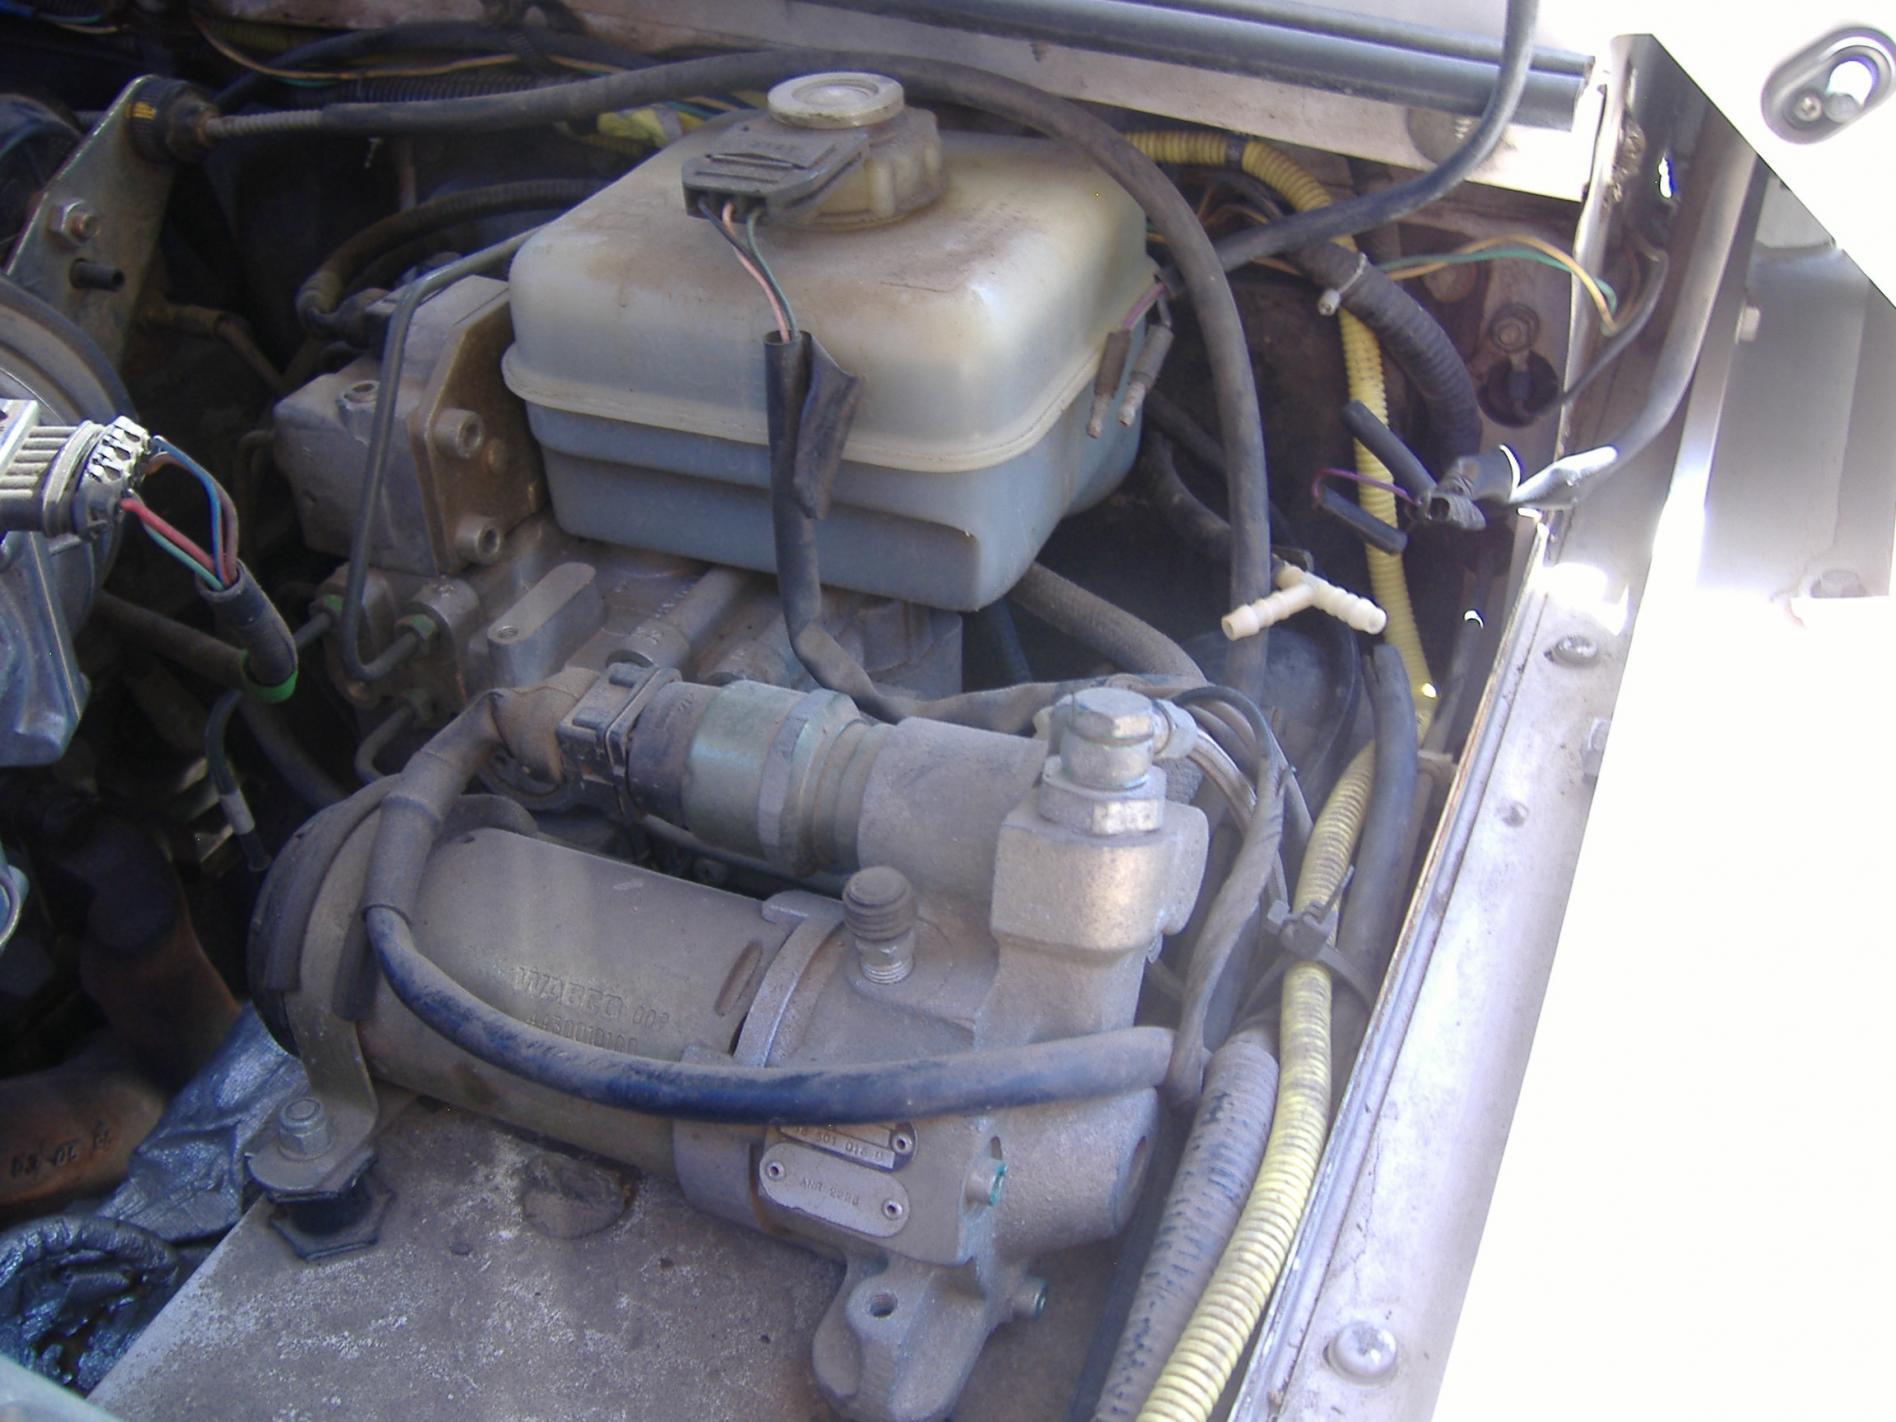 1994 Range Rover not on level